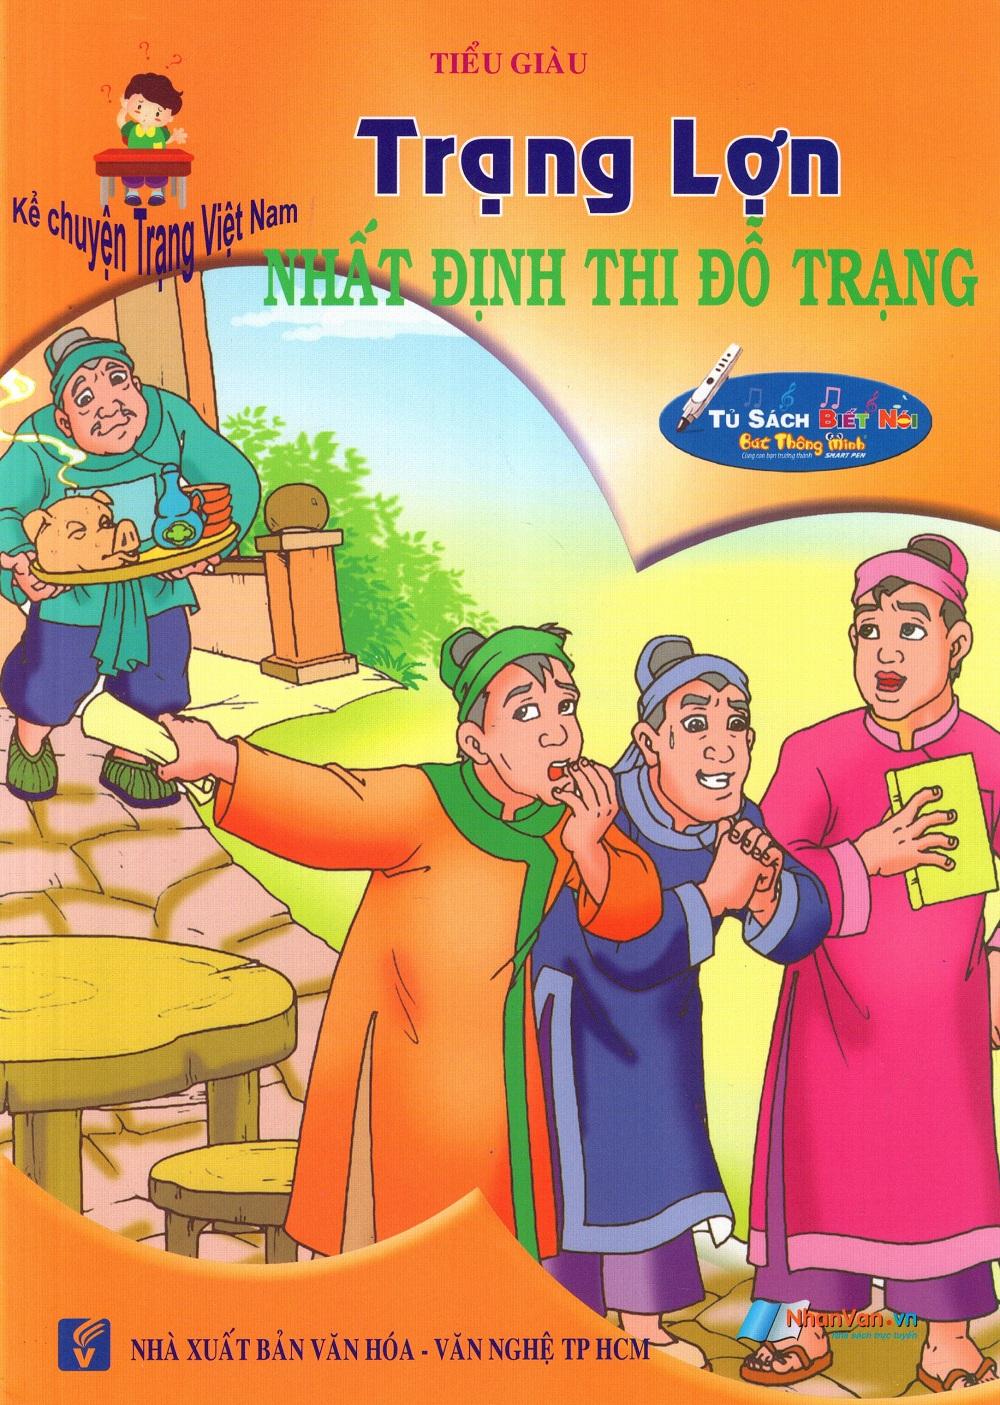 Bìa sách Kể Chuyện Trạng Việt Nam: Trạng Lợn - Nhất Định Thi Đỗ Trạng